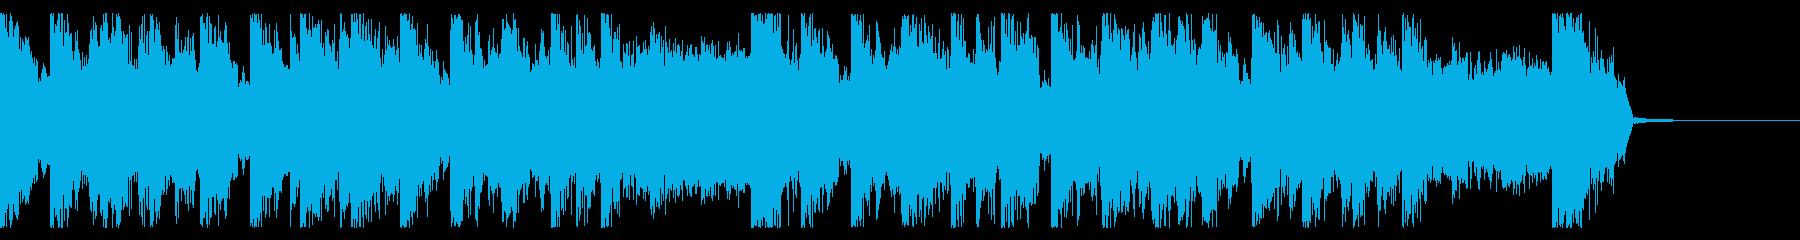 ちょっと明るいお化けちっくなEDMの再生済みの波形